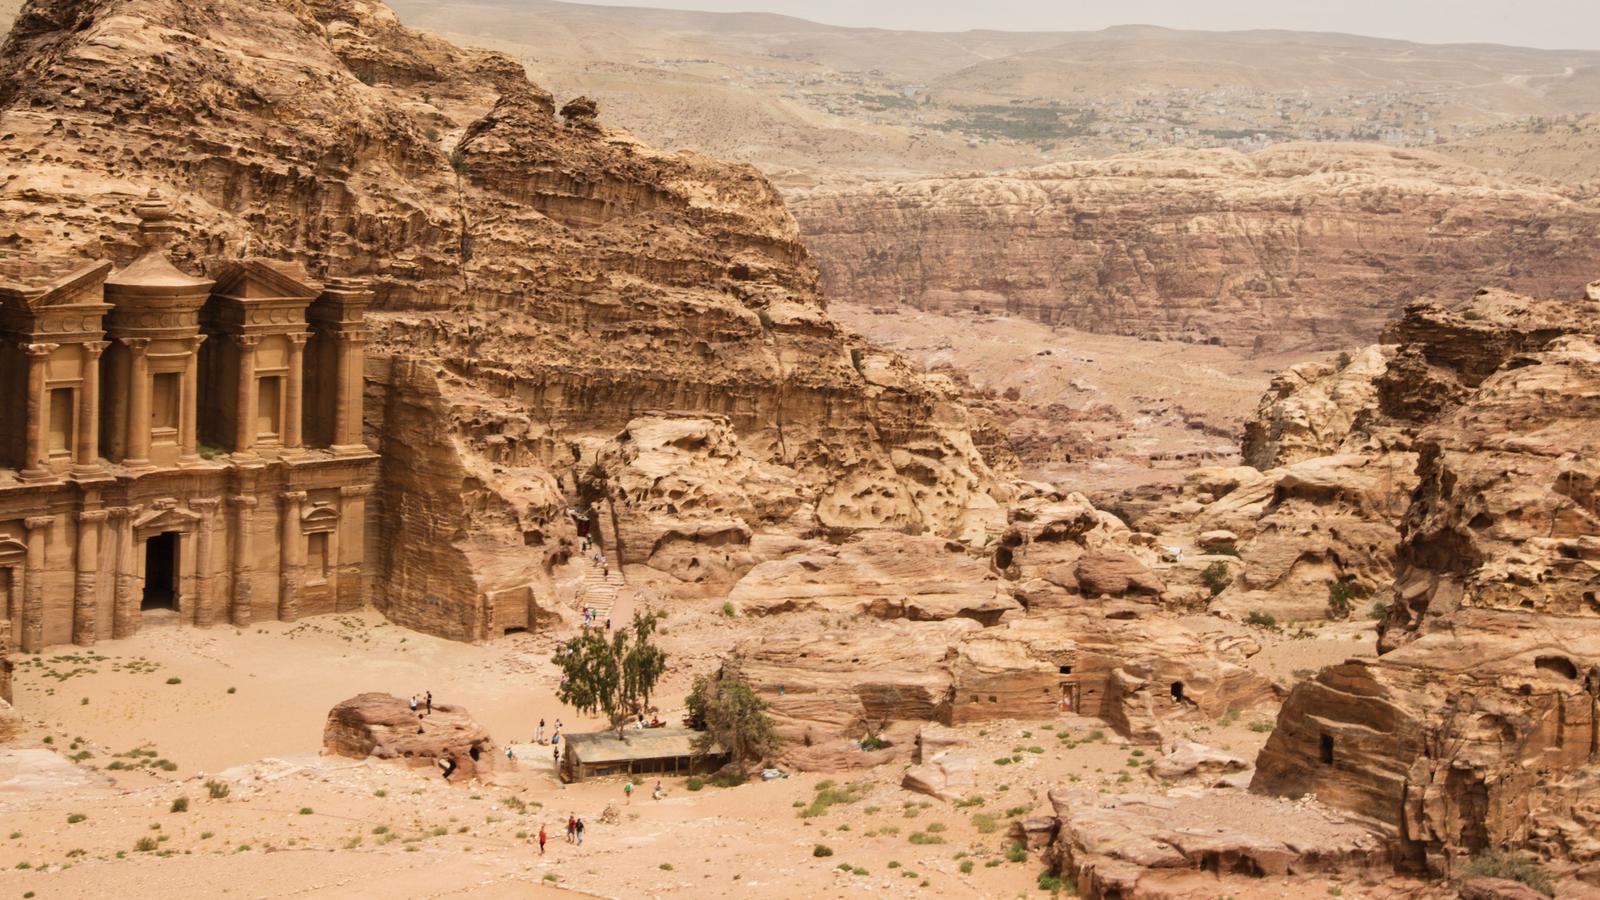 Jordan Country Wallpapers  Wallpaper Cave